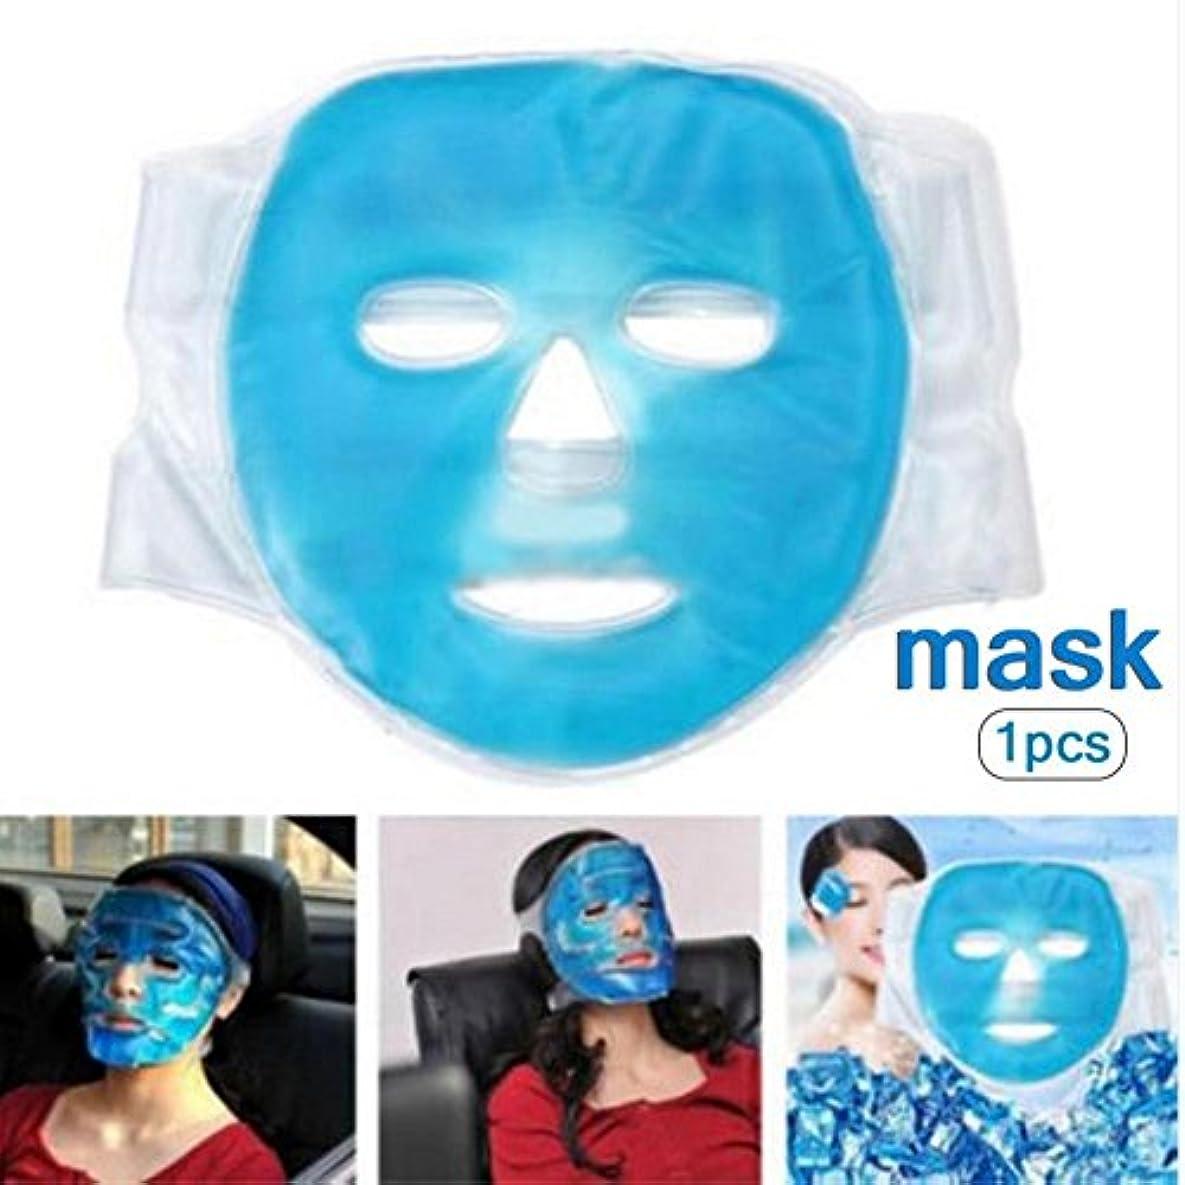 拡大するばかげているボアフェイスマスク 冷却マスク 美容マスク 冷温兼用 美容用 再利用可能 理学療法 毛細血管収縮 毛穴収縮 睡眠冷却 疲労緩和 肌ケア 保湿 吸収しやすい コールドパックホットパック 美容マッサージ アイスマスク (ブルー)